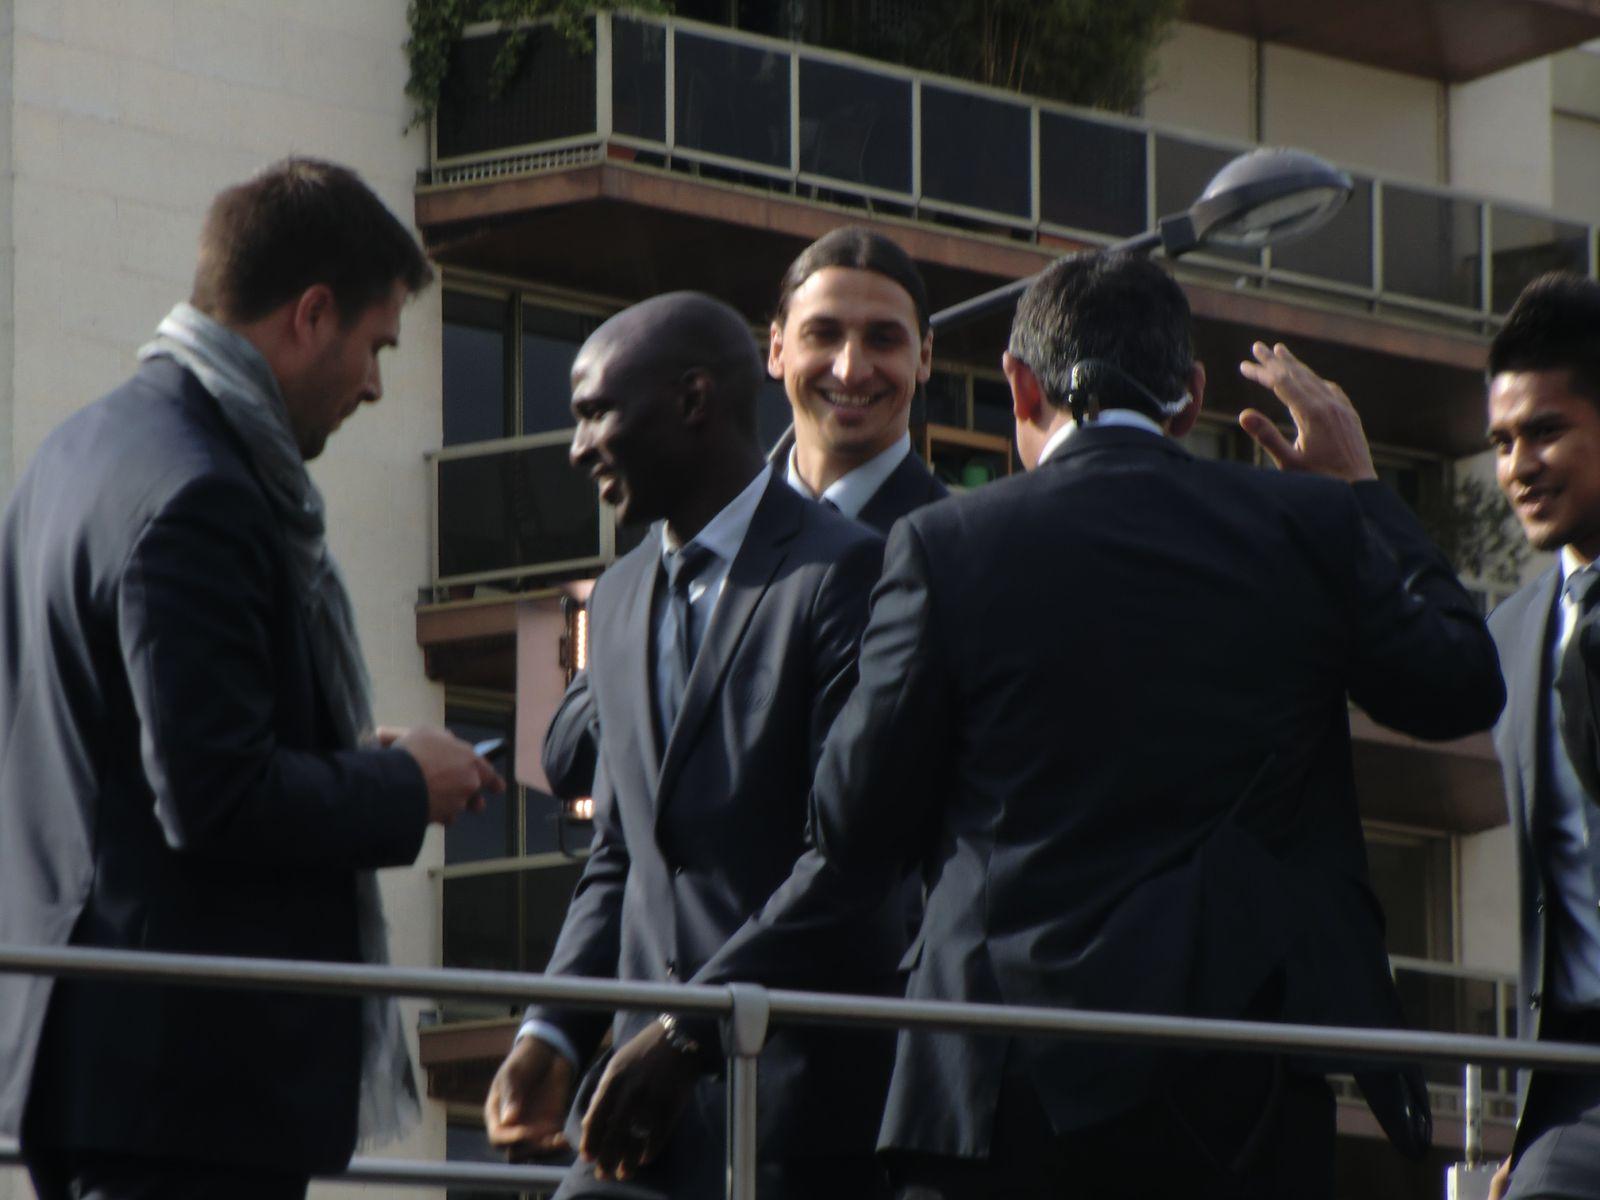 le Président  du PSG Nasser AL-KHELAIFI sur la dernière photo tout à droite